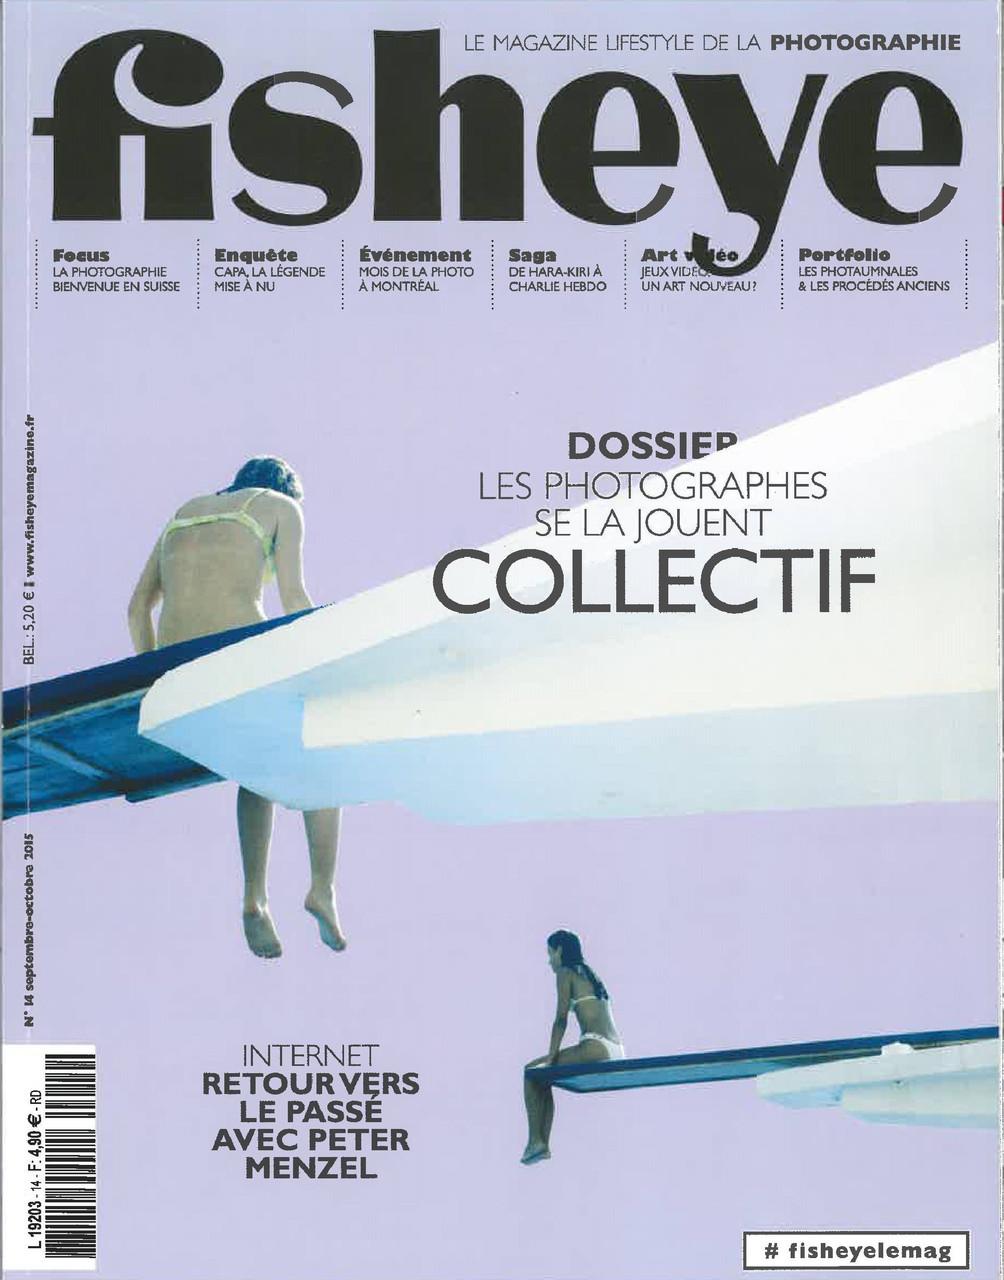 """Article Fisheye septembre-octobre 2015 """"Les Photaumnales revisitent les procédés anciens"""""""